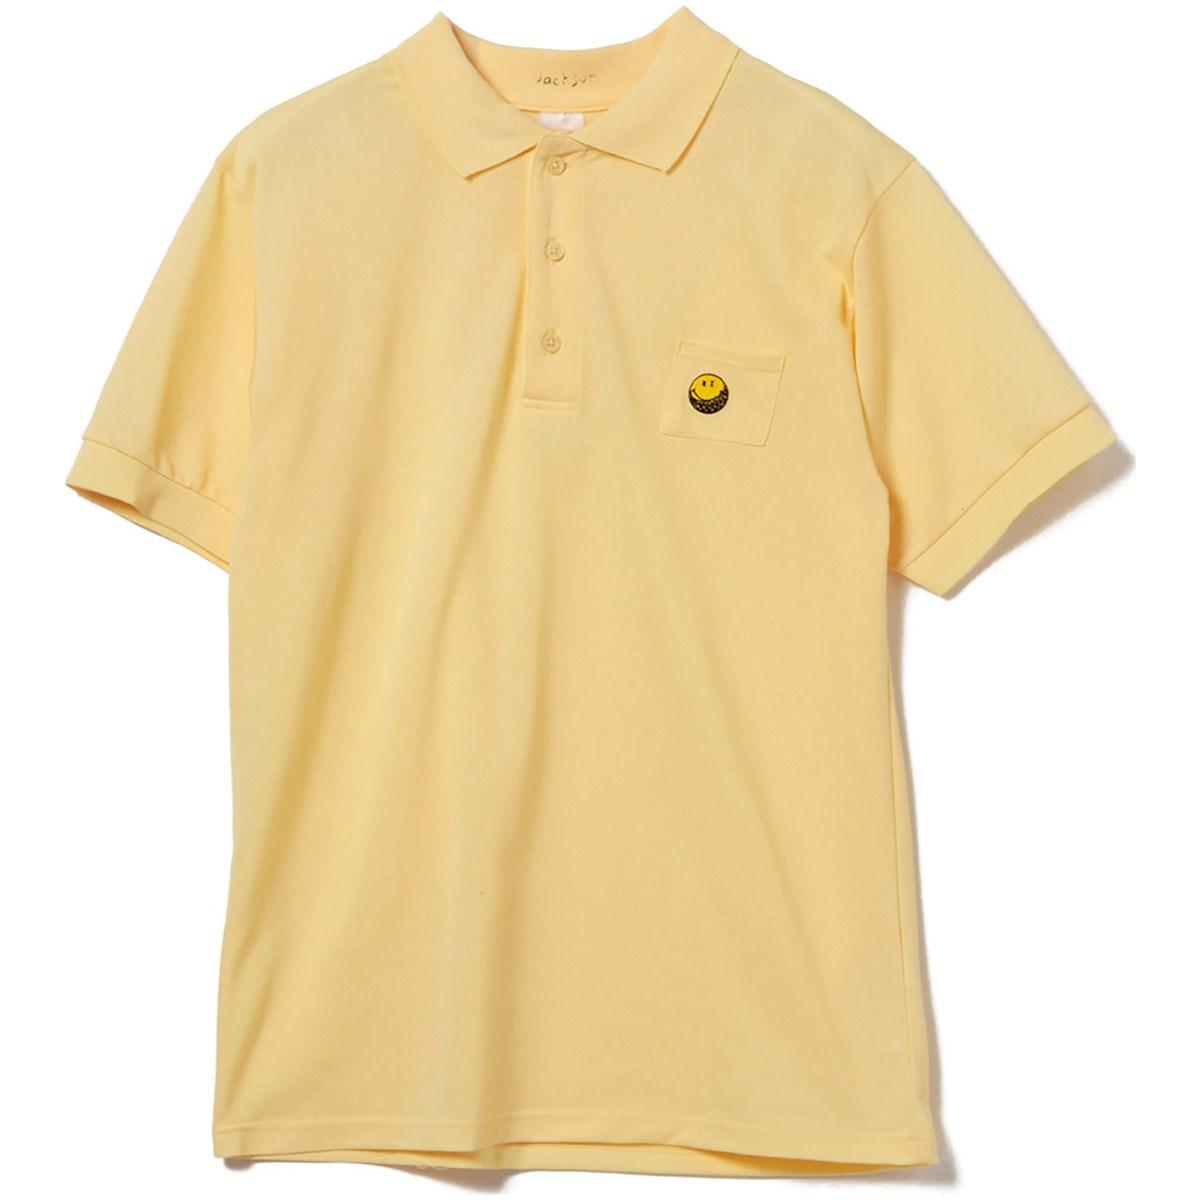 ビームスゴルフ JACKSON MATISSE×BEAMS GOLF 別注 ポケット 半袖ポロシャツ